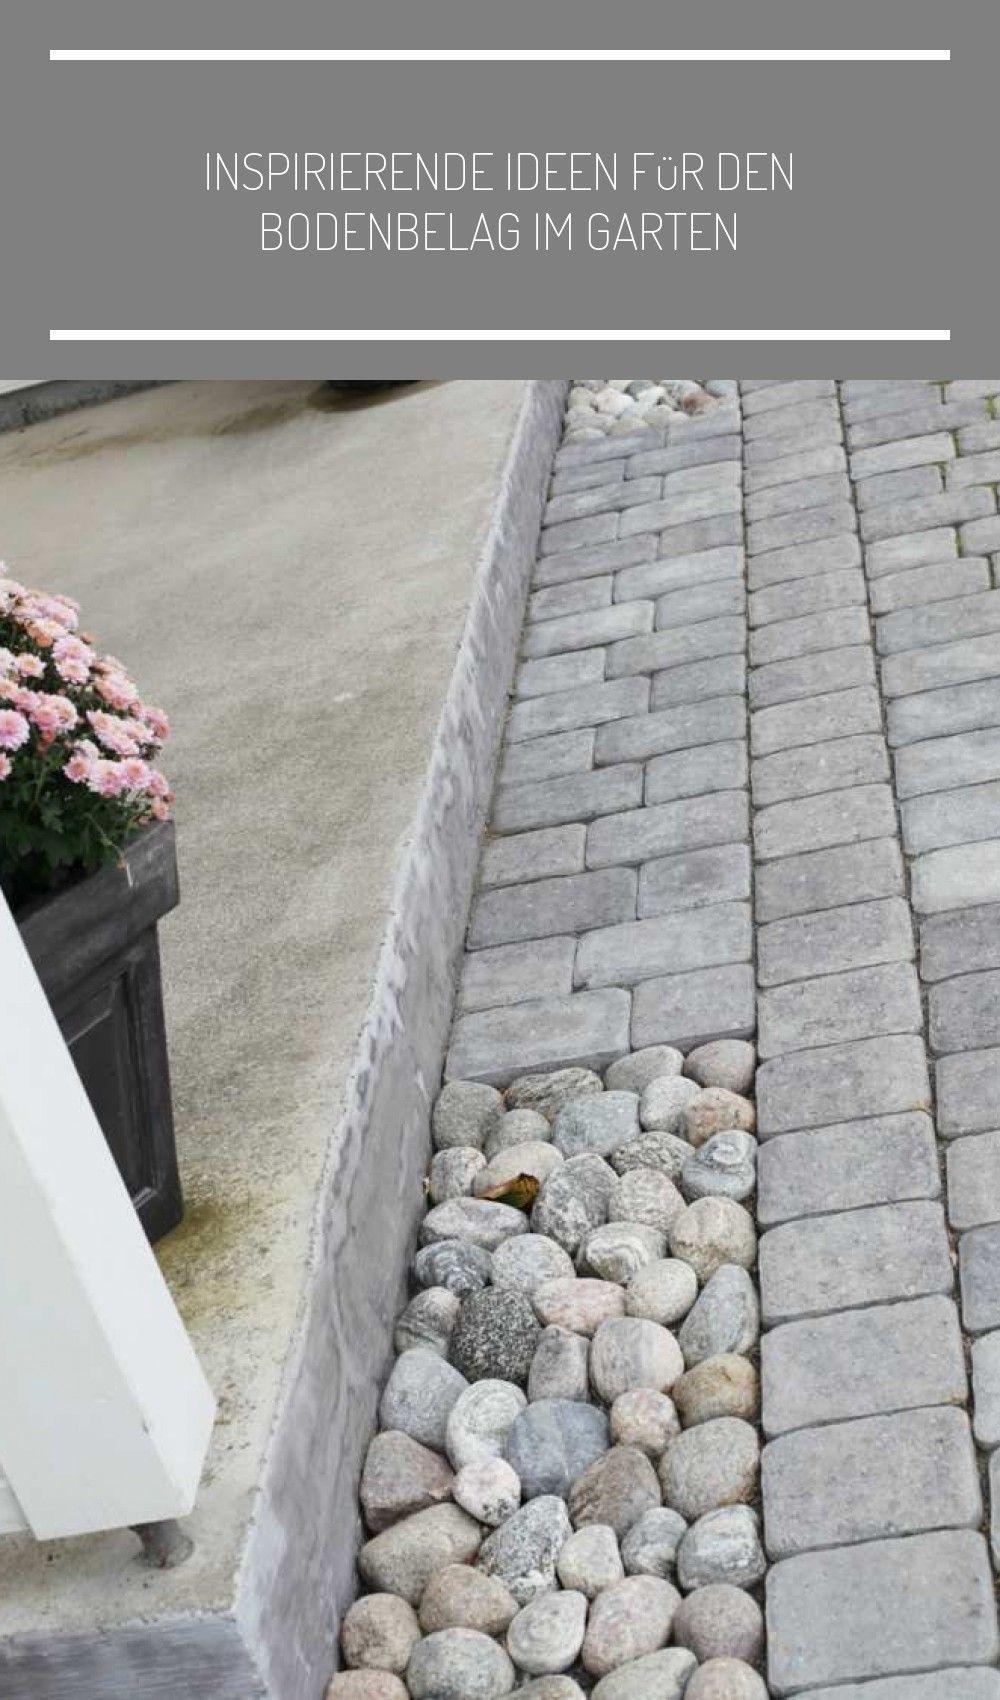 Pflastersteine Und Flusssteine Kombinieren Eingangsbereich Haus Beleuchtung Ins In 2020 Flusssteine Pflastersteine Beleuchtung